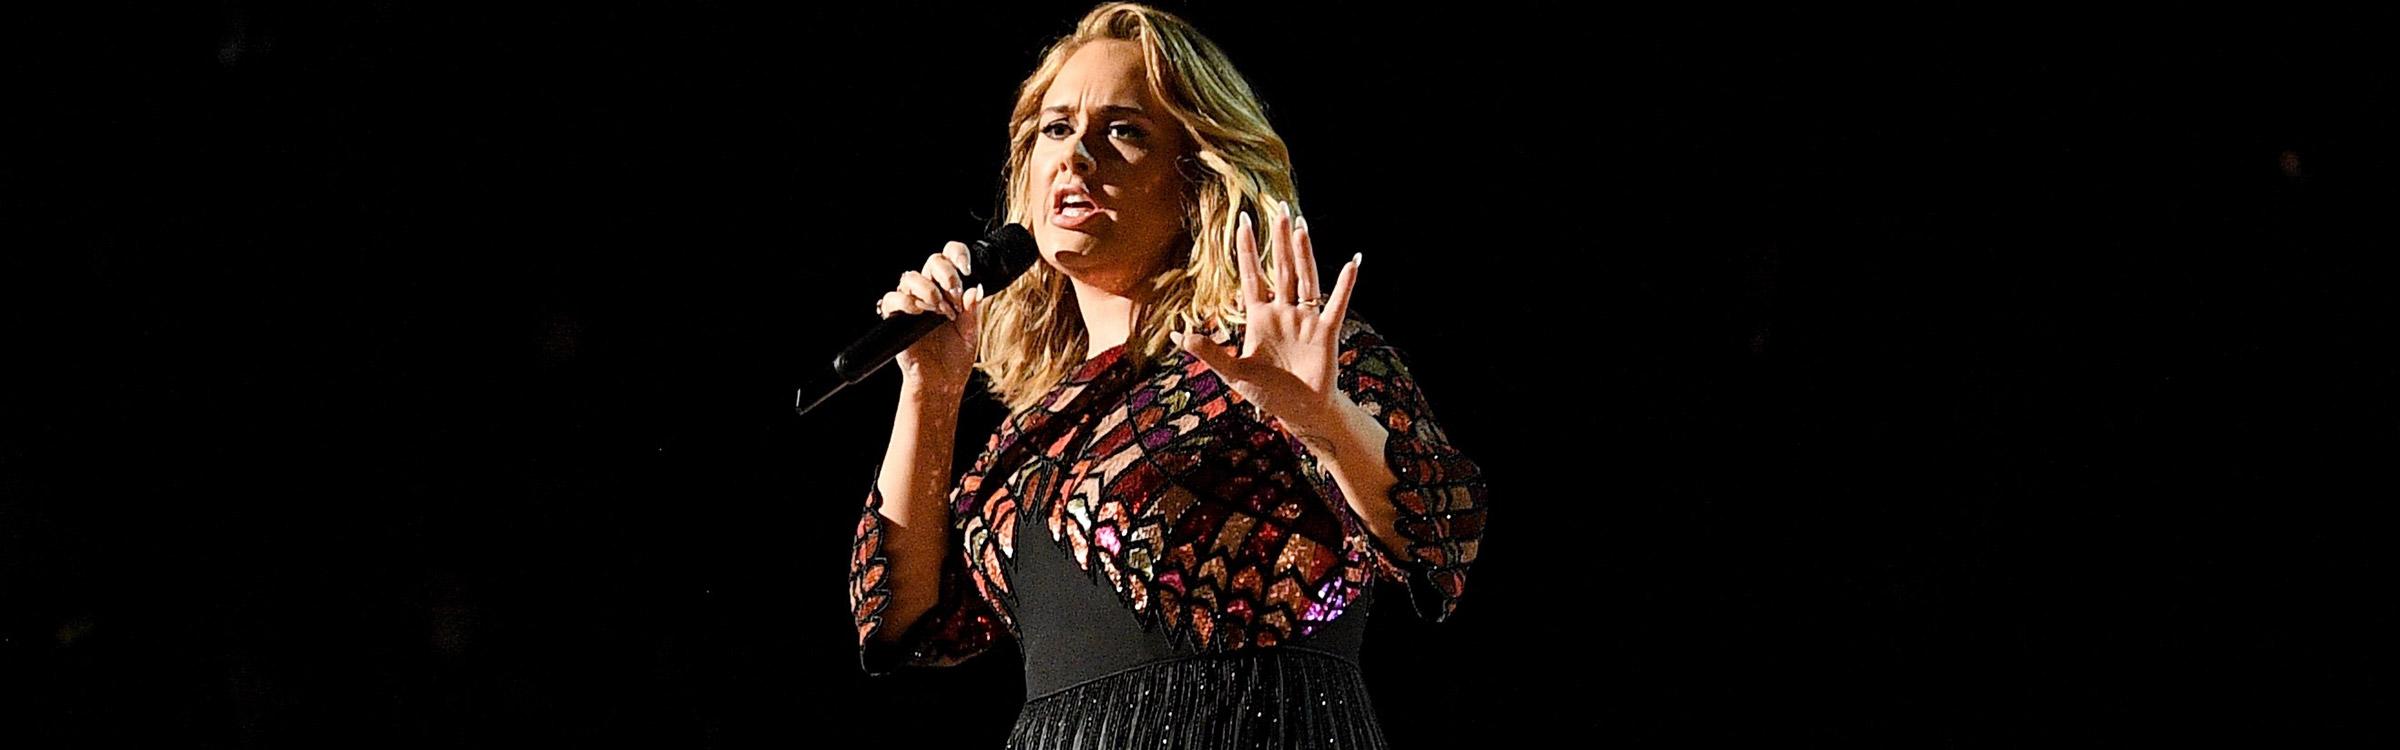 Adele headerfotoo